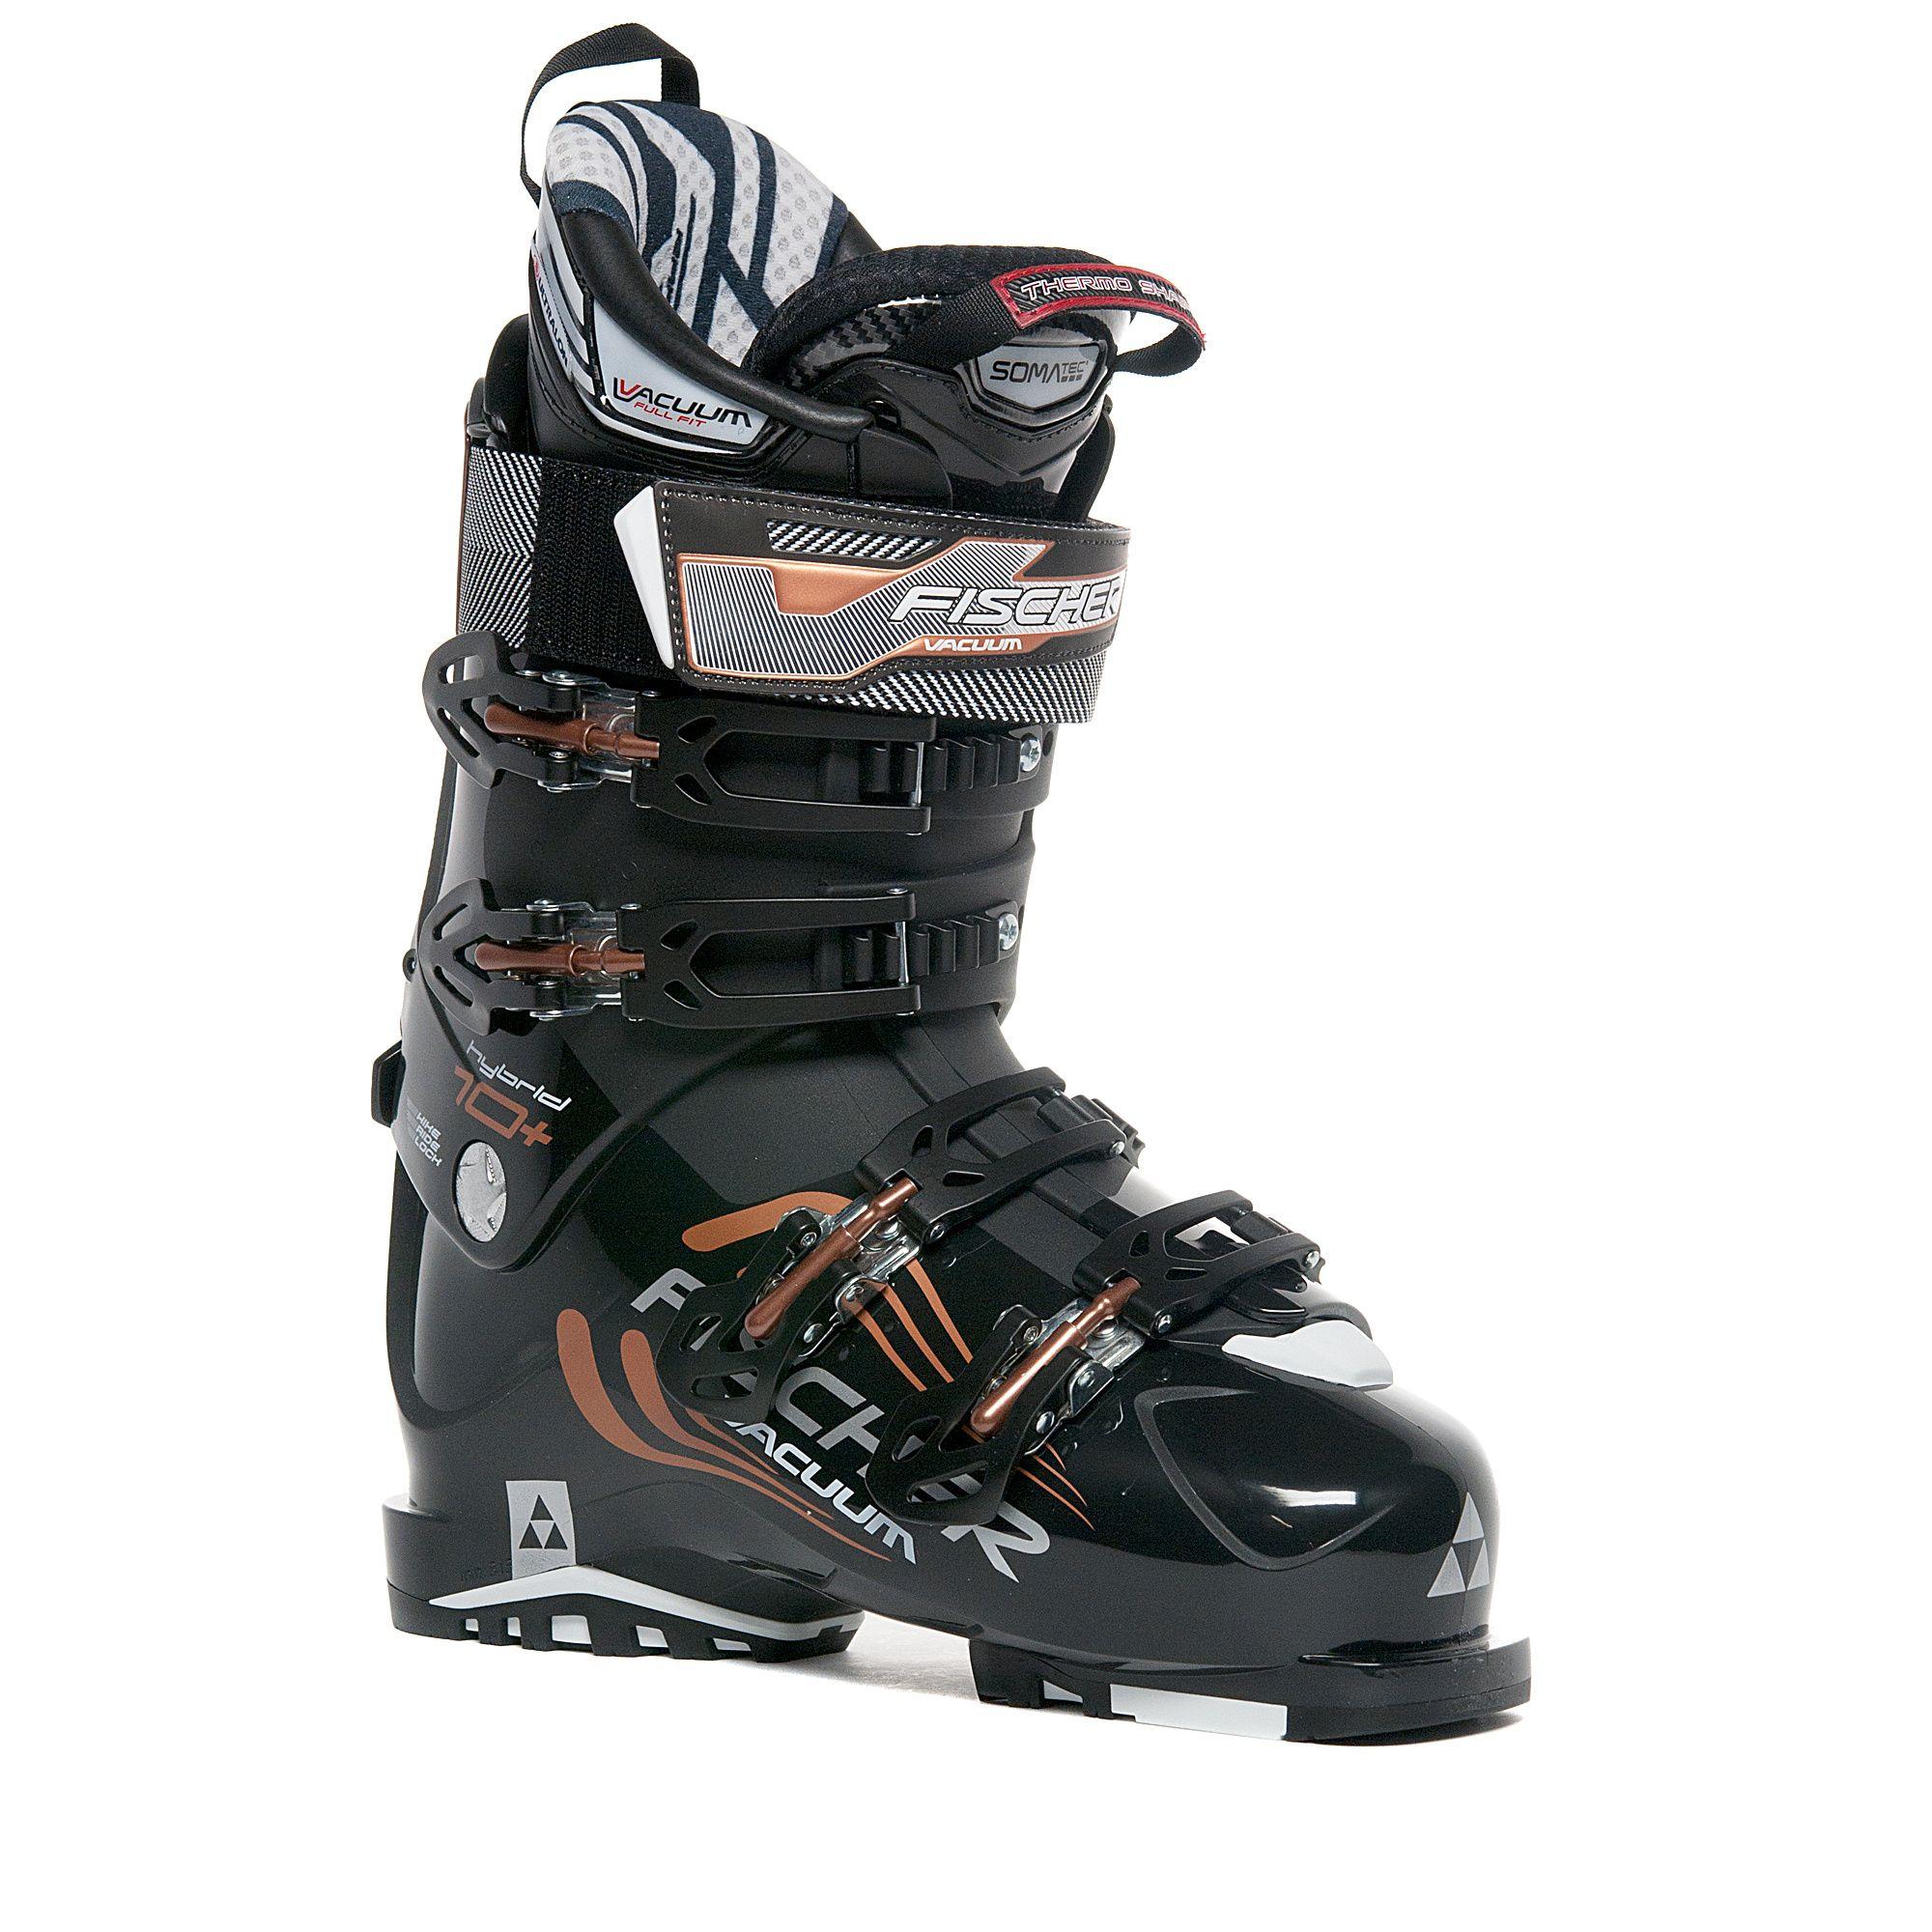 FISCHER SPORTS Women's Hybrid 10+ Vacuum Ski Boot